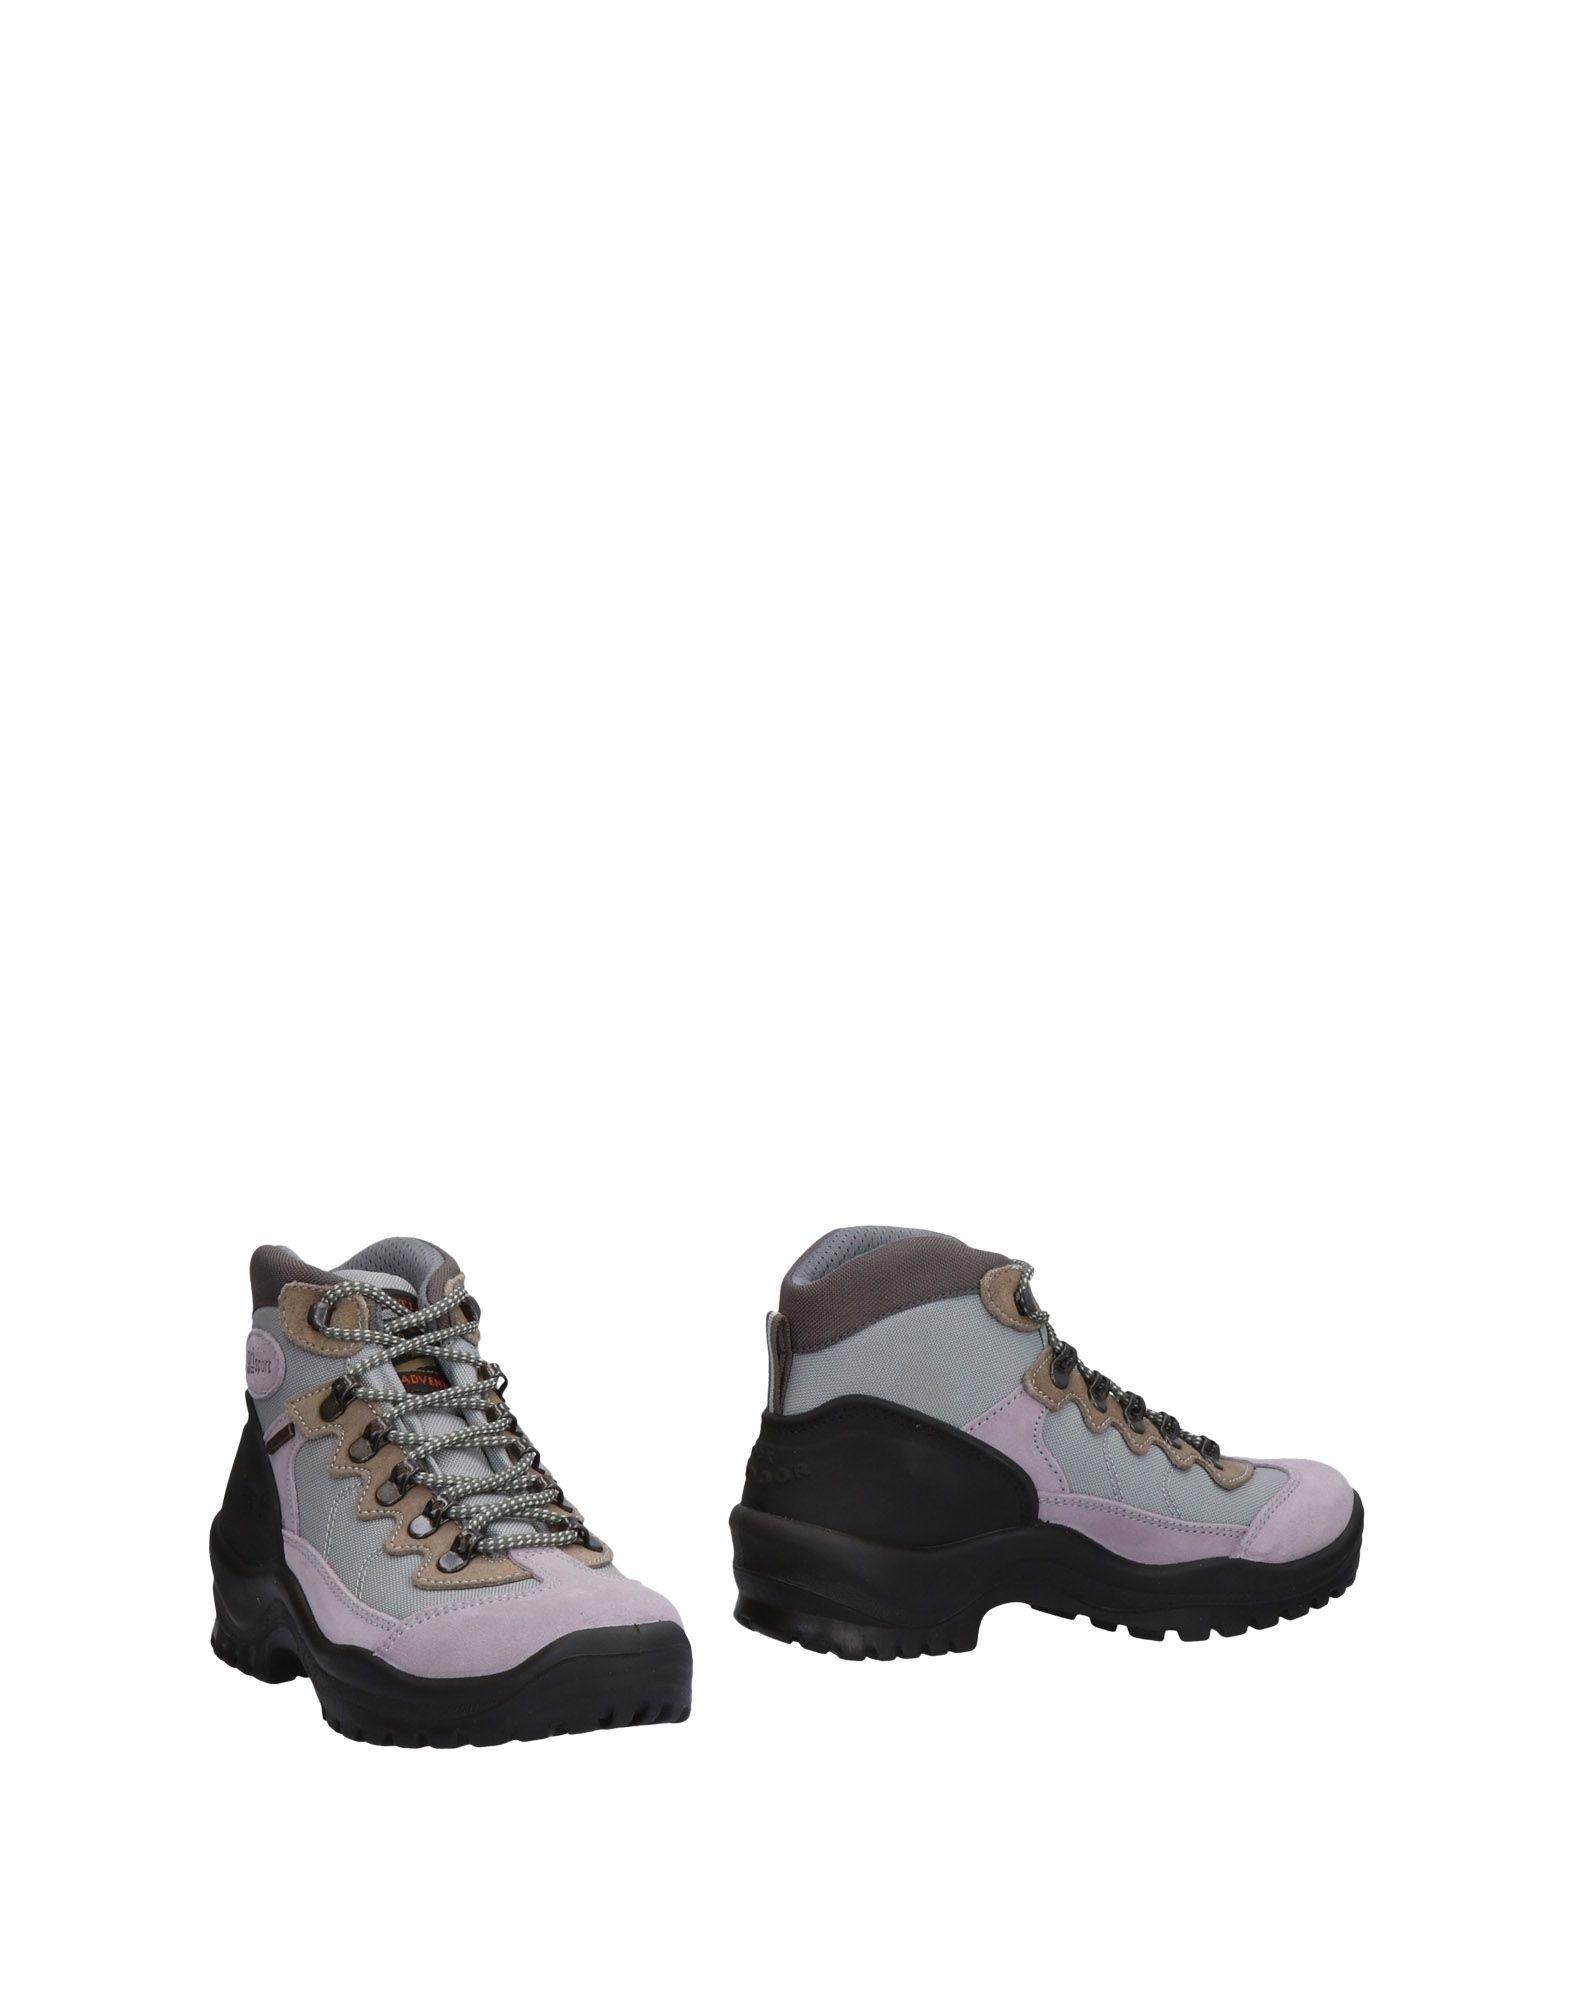 Grisport Stiefelette Damen  11465021FW beliebte Gute Qualität beliebte 11465021FW Schuhe 35429a